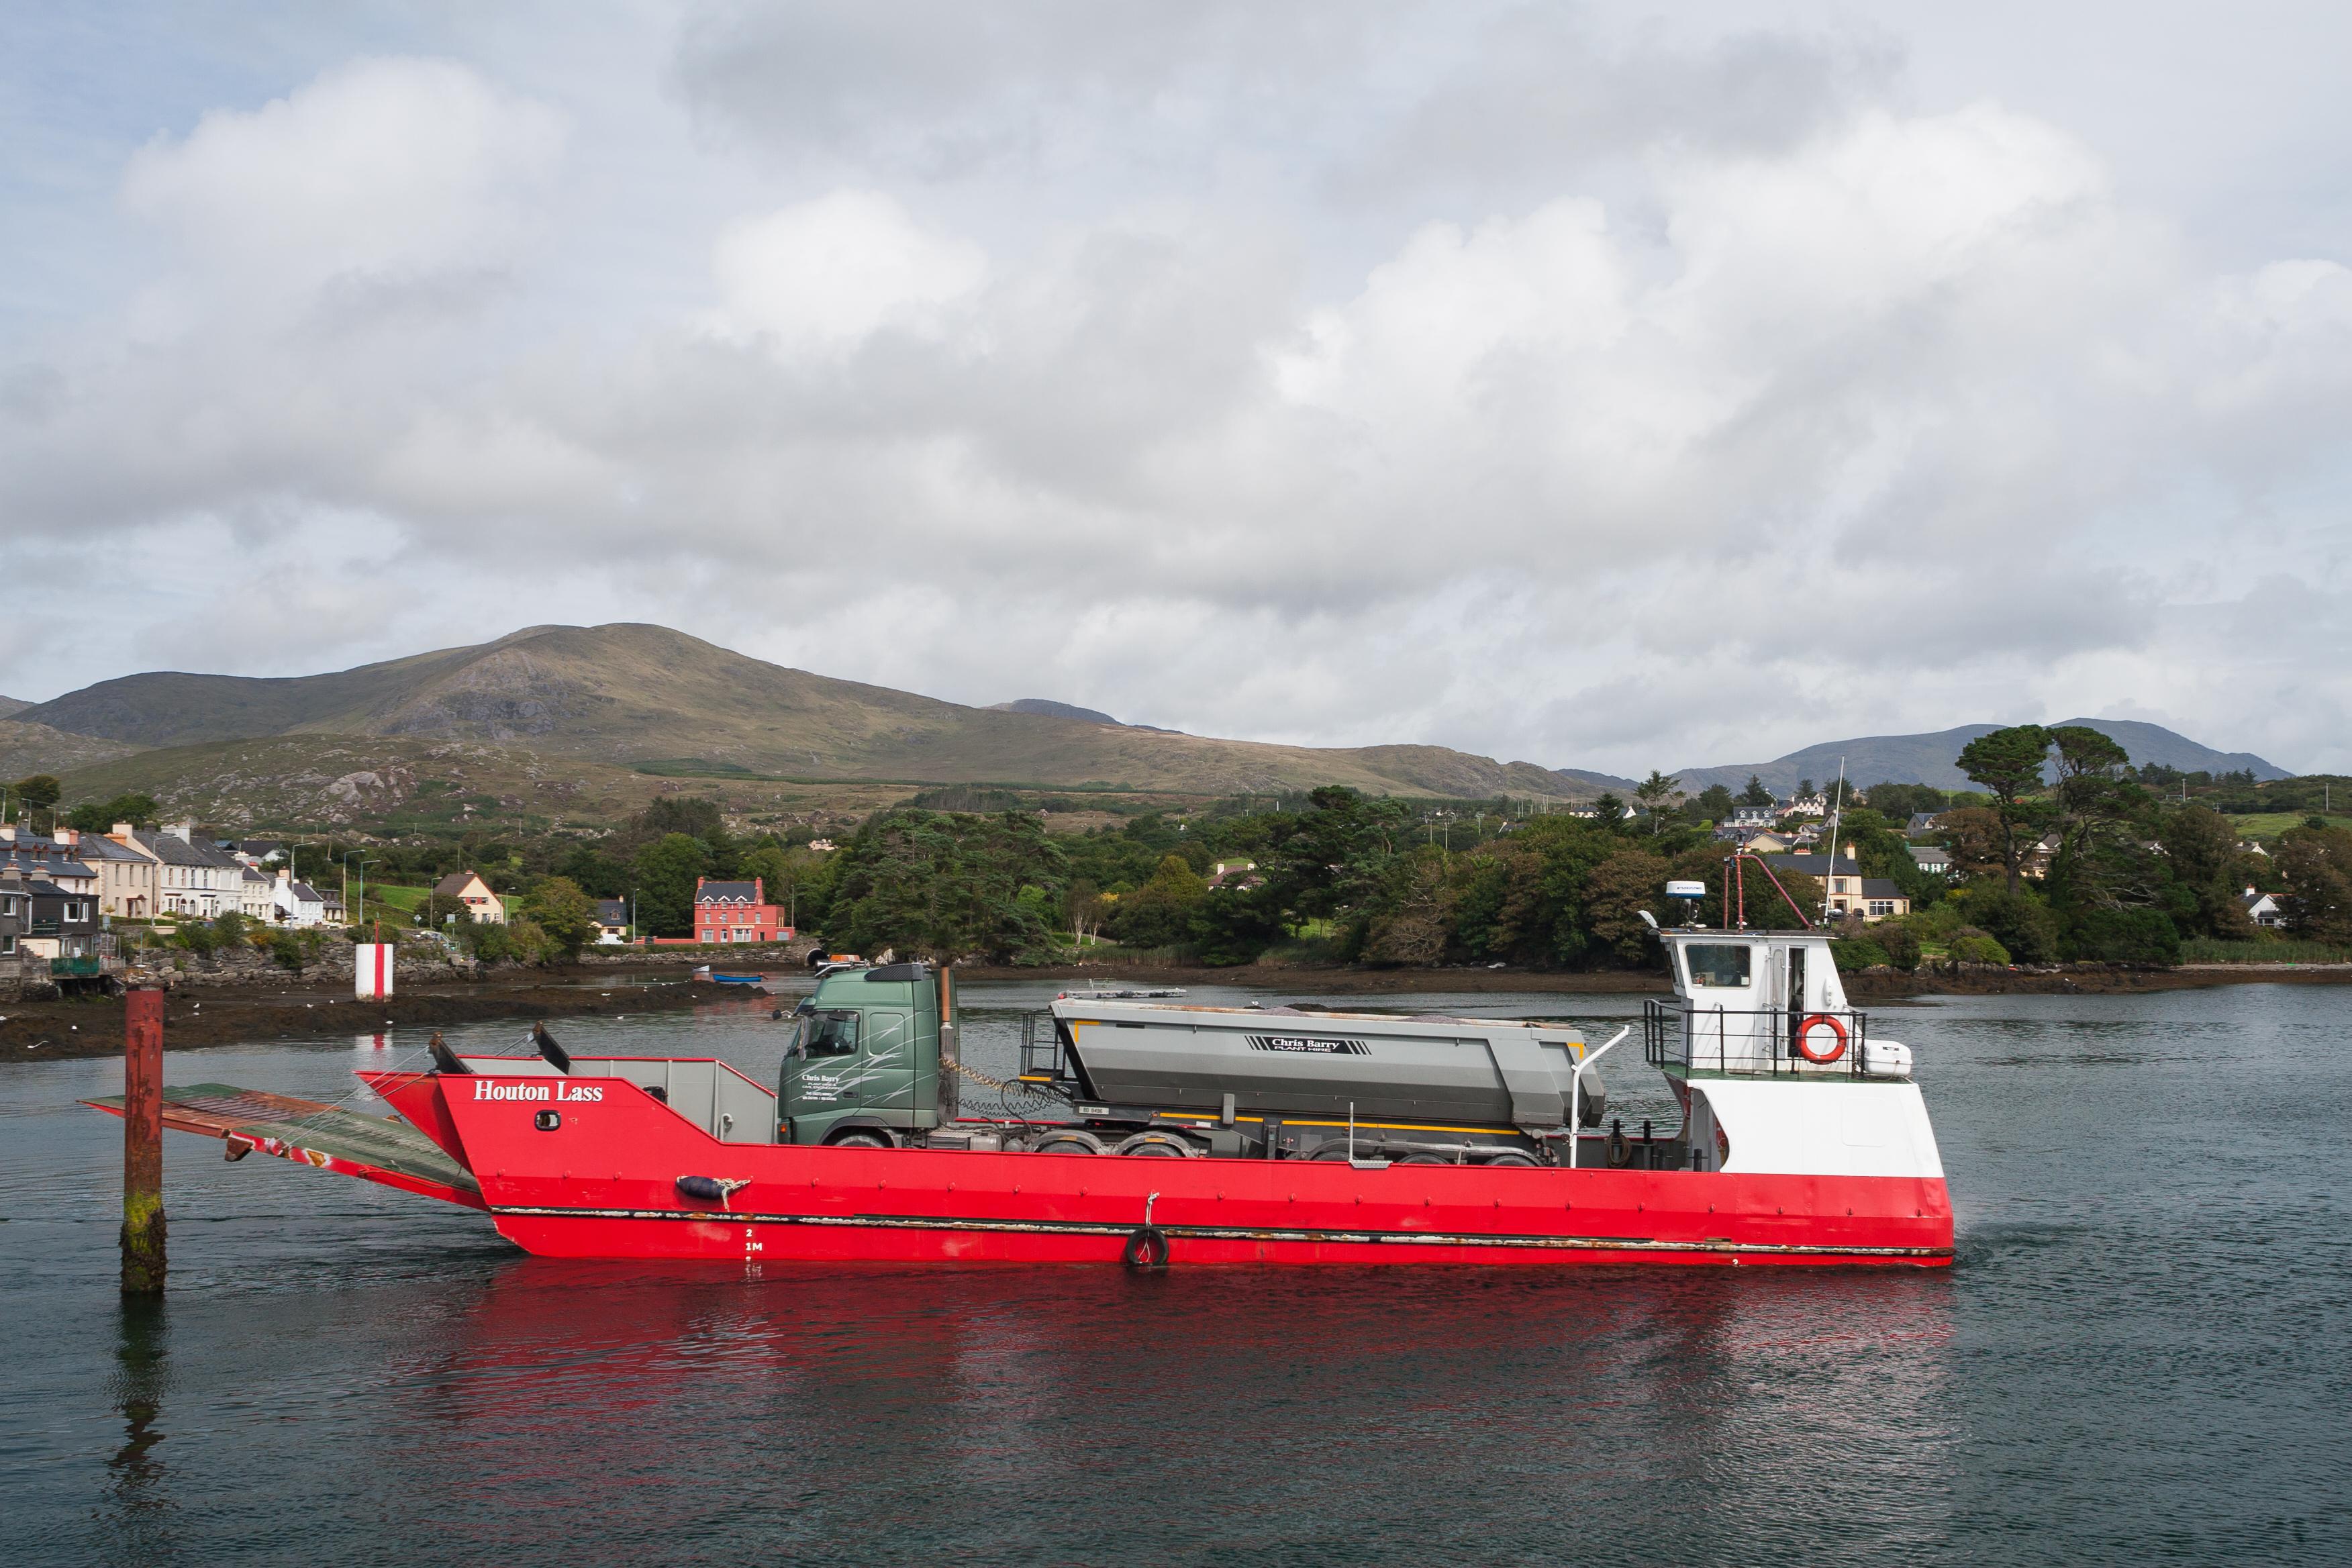 file castletownbere ferry houton lass 2017 08 29 jpg wikimedia commons